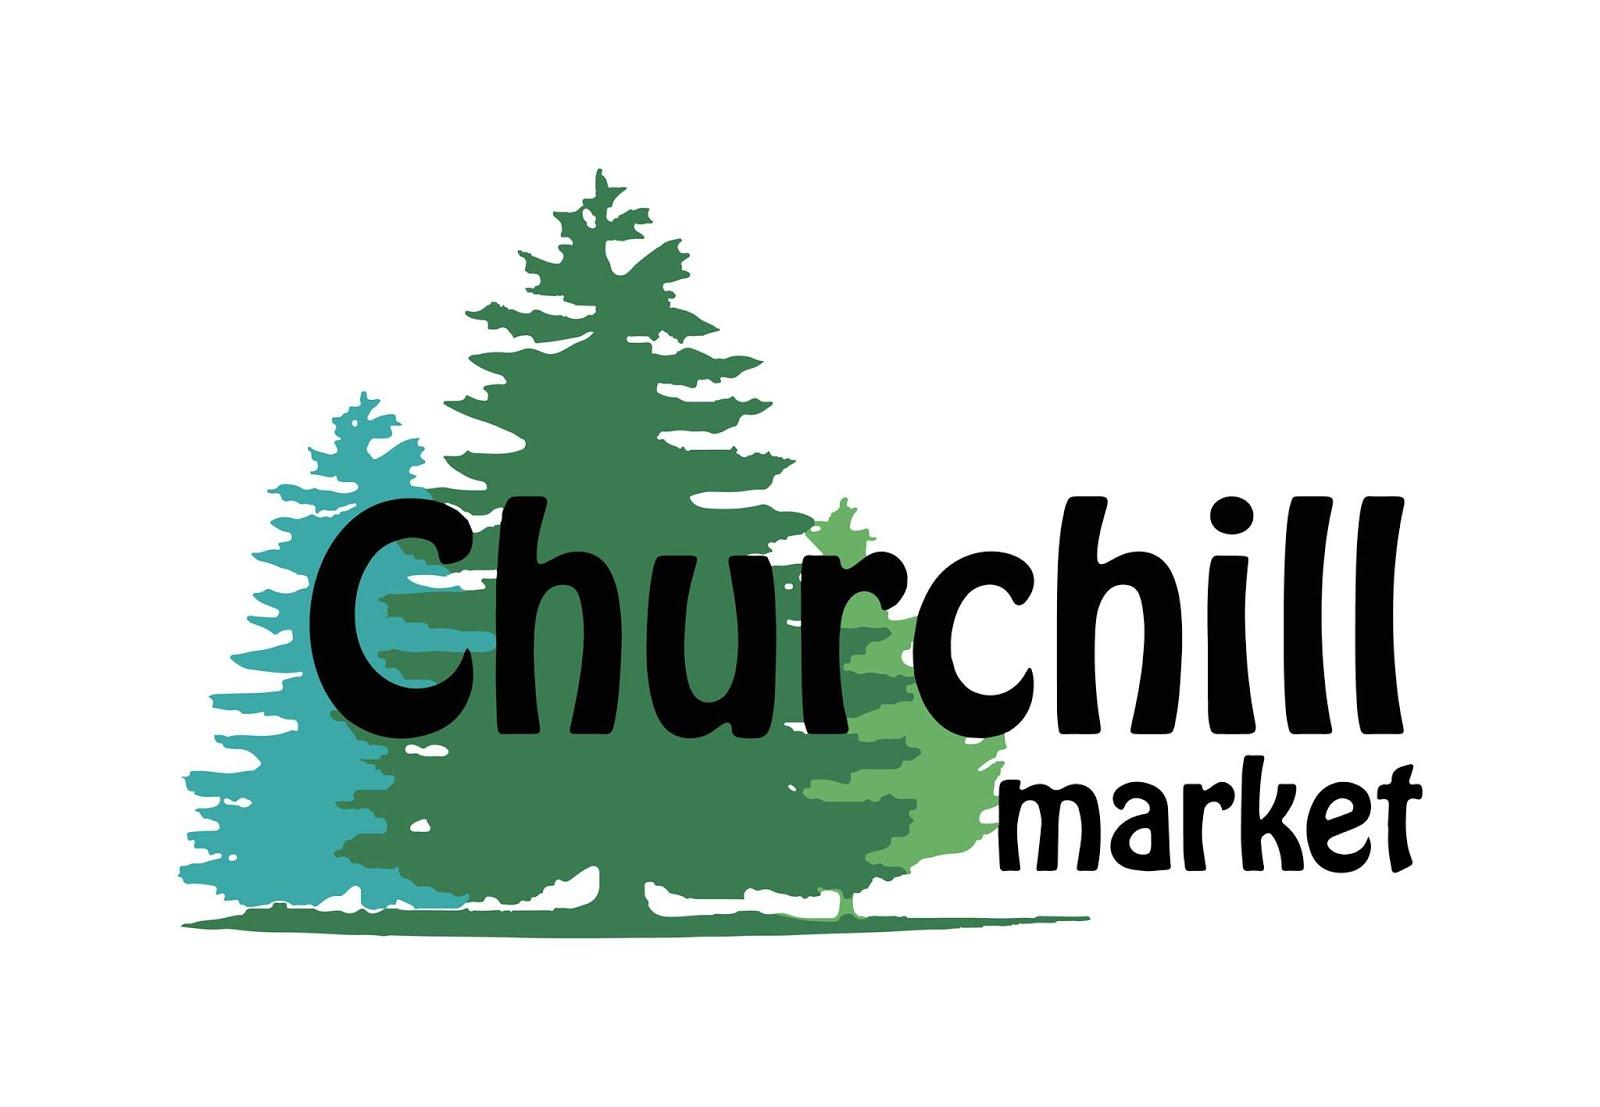 Churchill Market